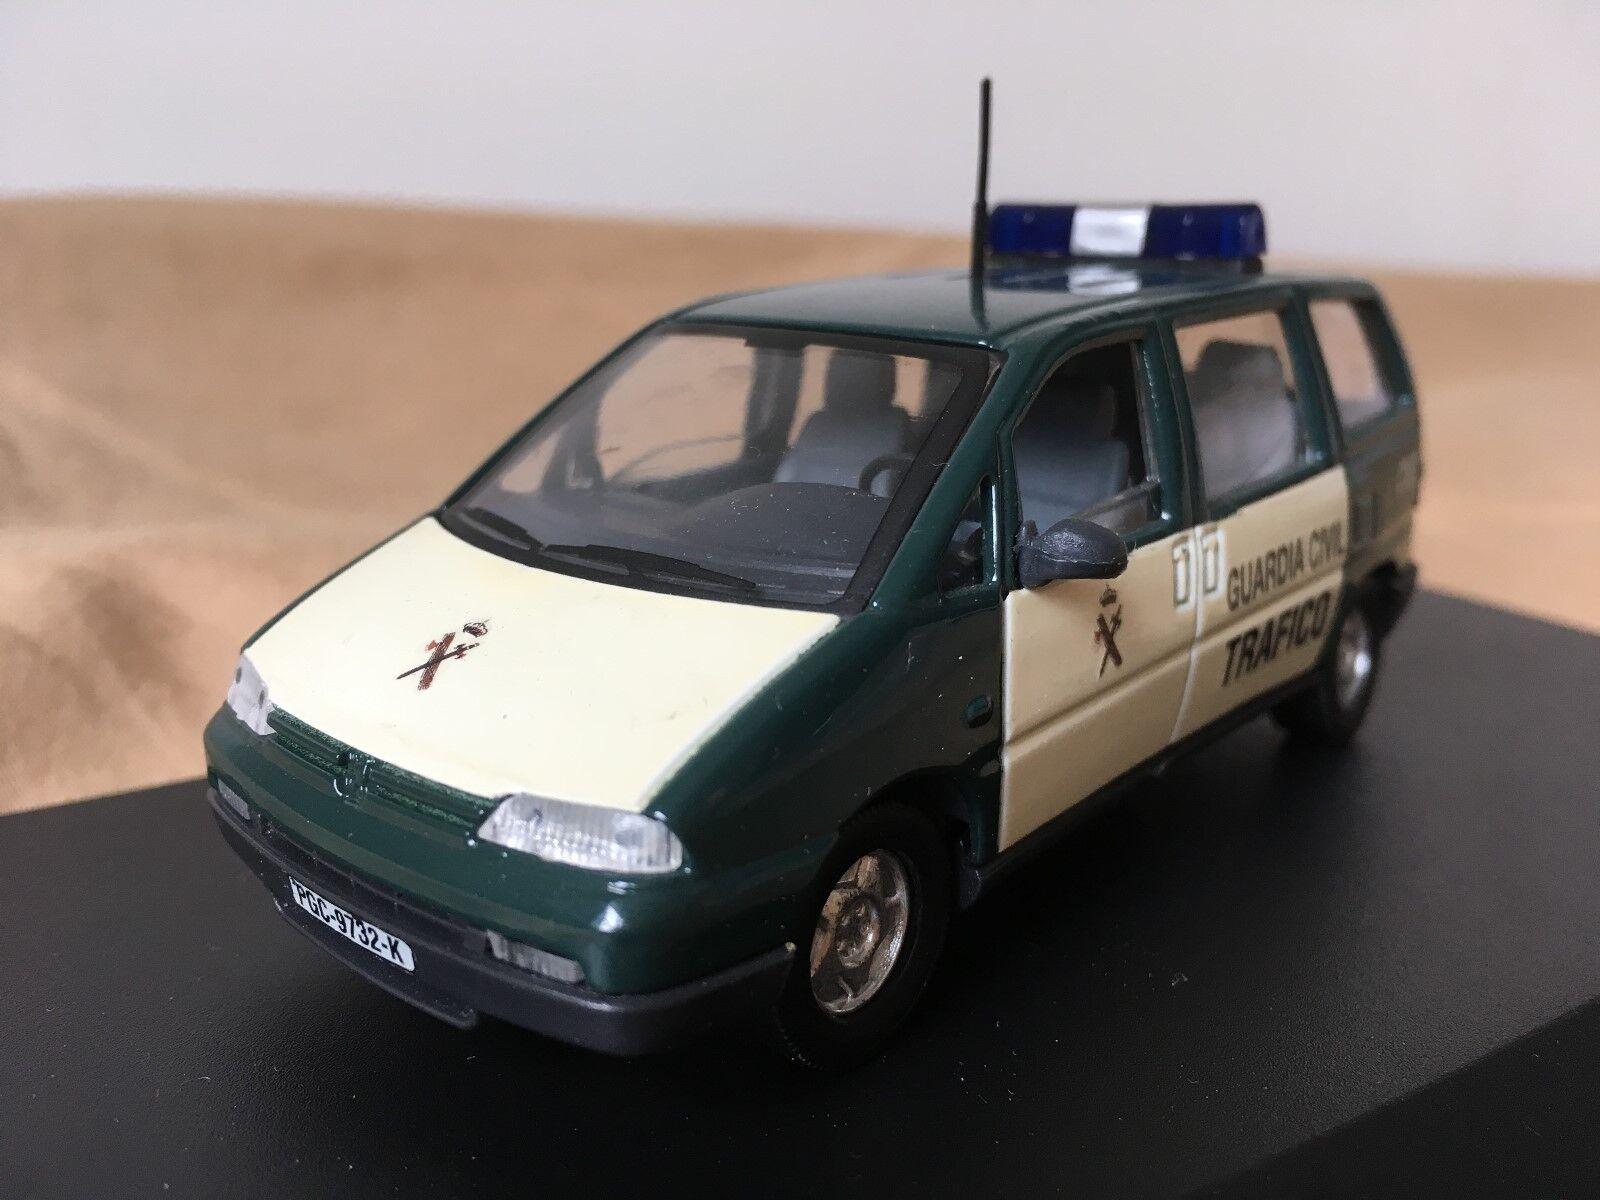 Old miniature 1 43 scale voiturer pr042 peugeot 806  the Civil Guard.  centre commercial professionnel intégré en ligne